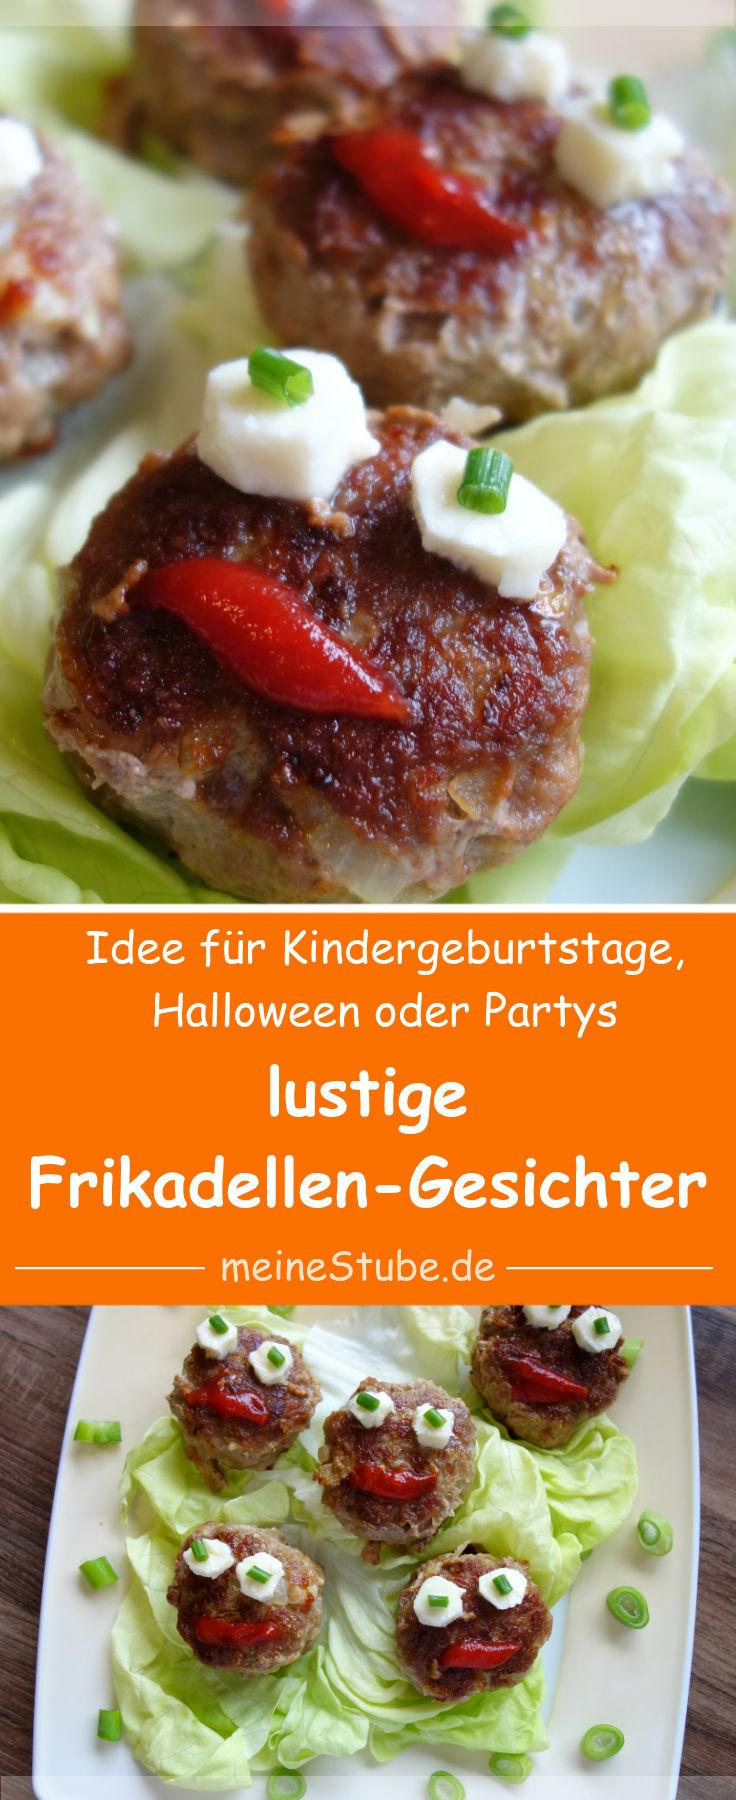 Frikadellen-geschter-salat-lauchzwiebel